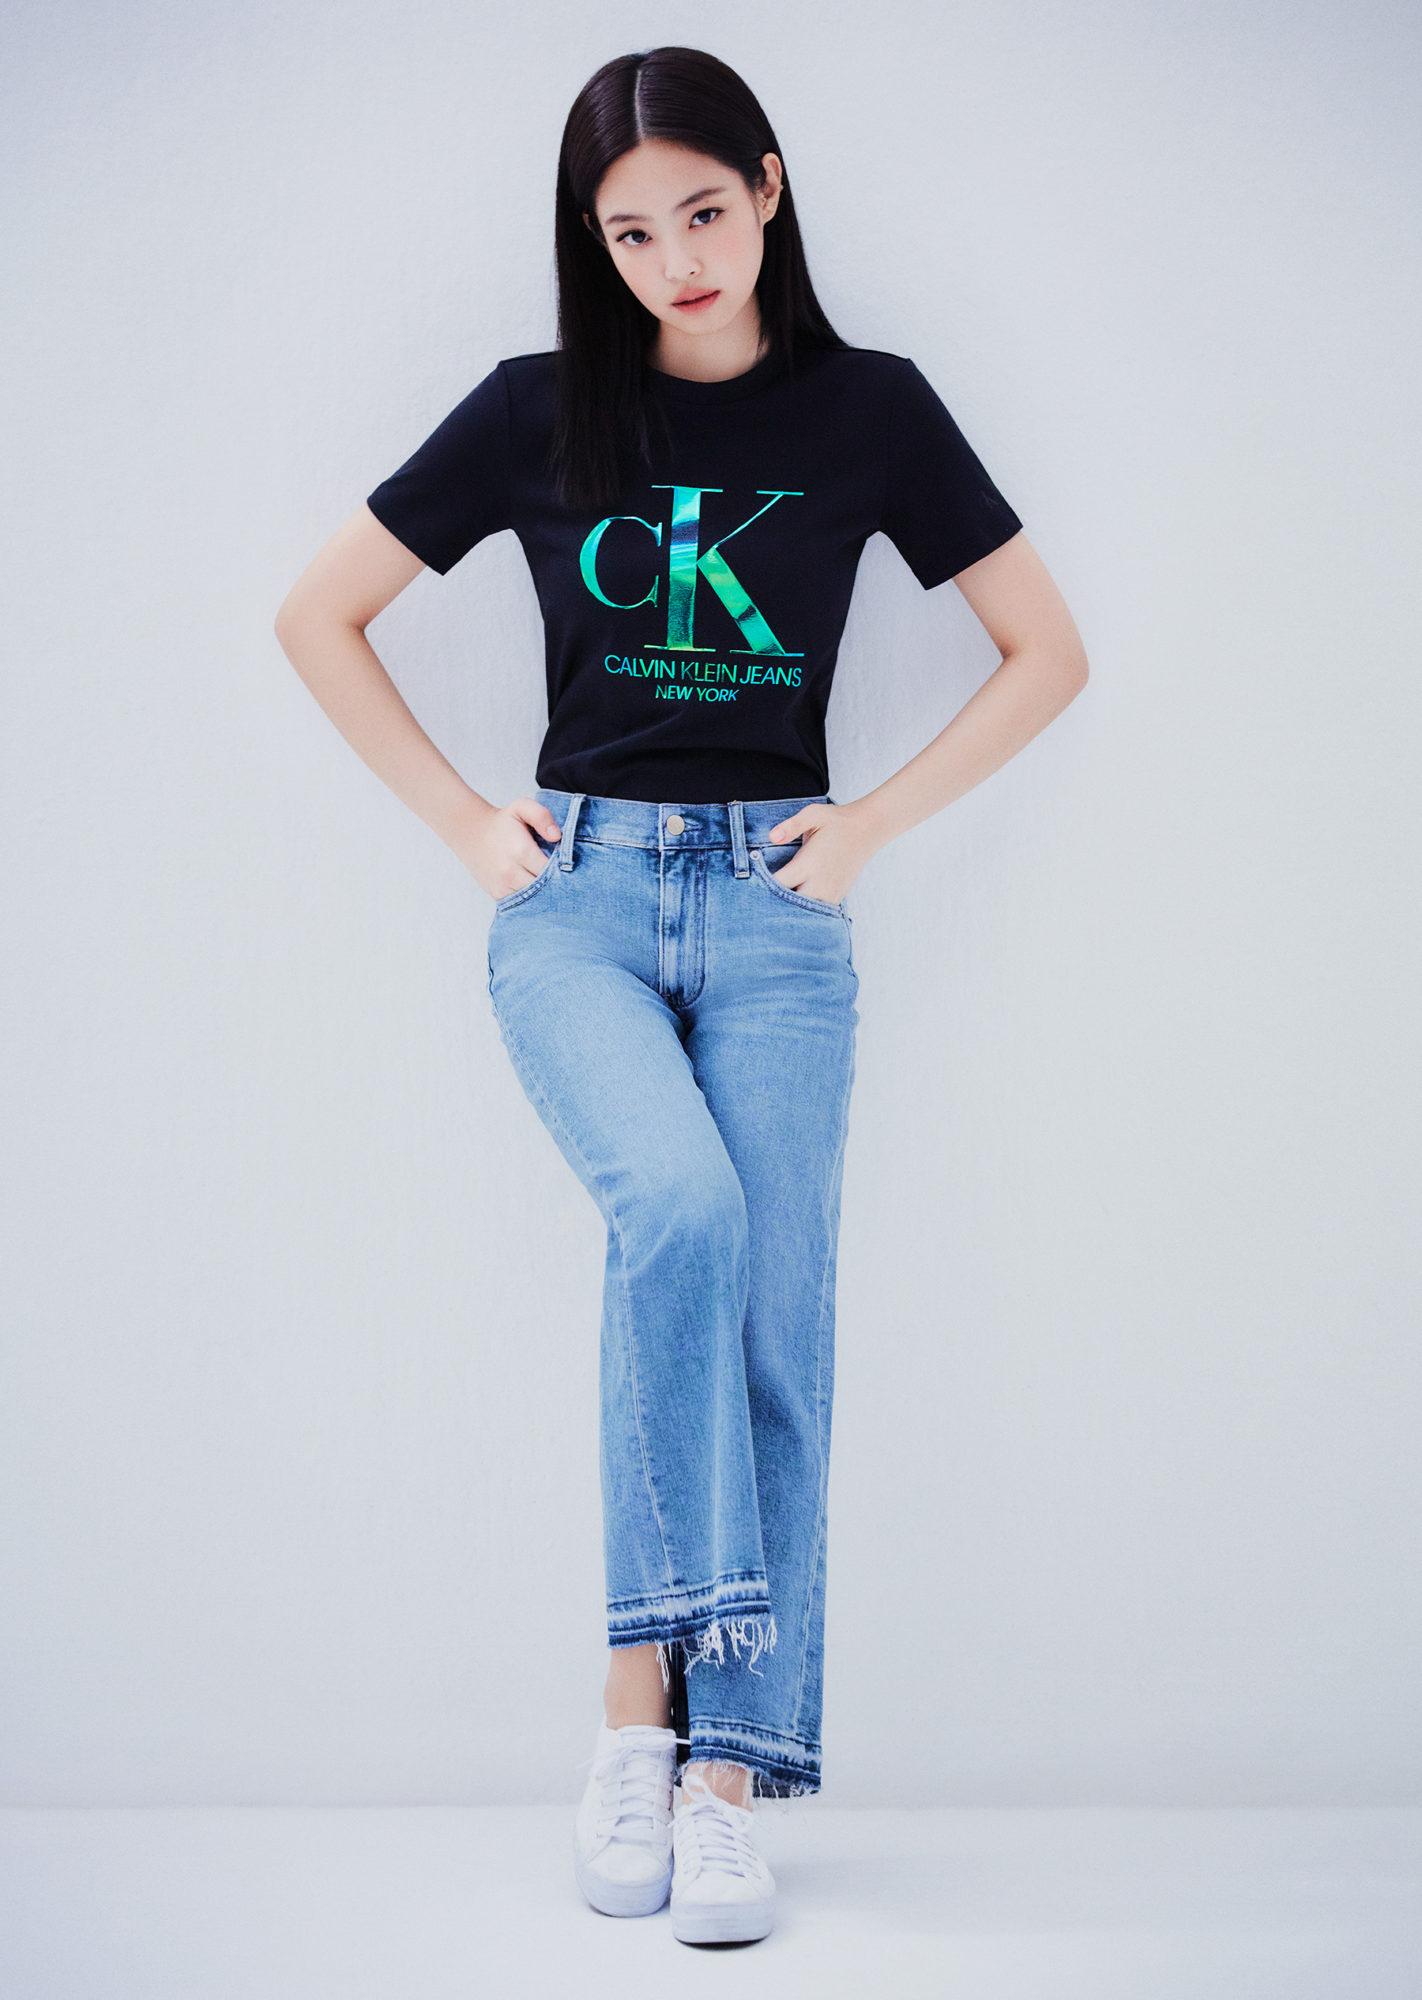 Jennie Calvin Klein Jeans 2020